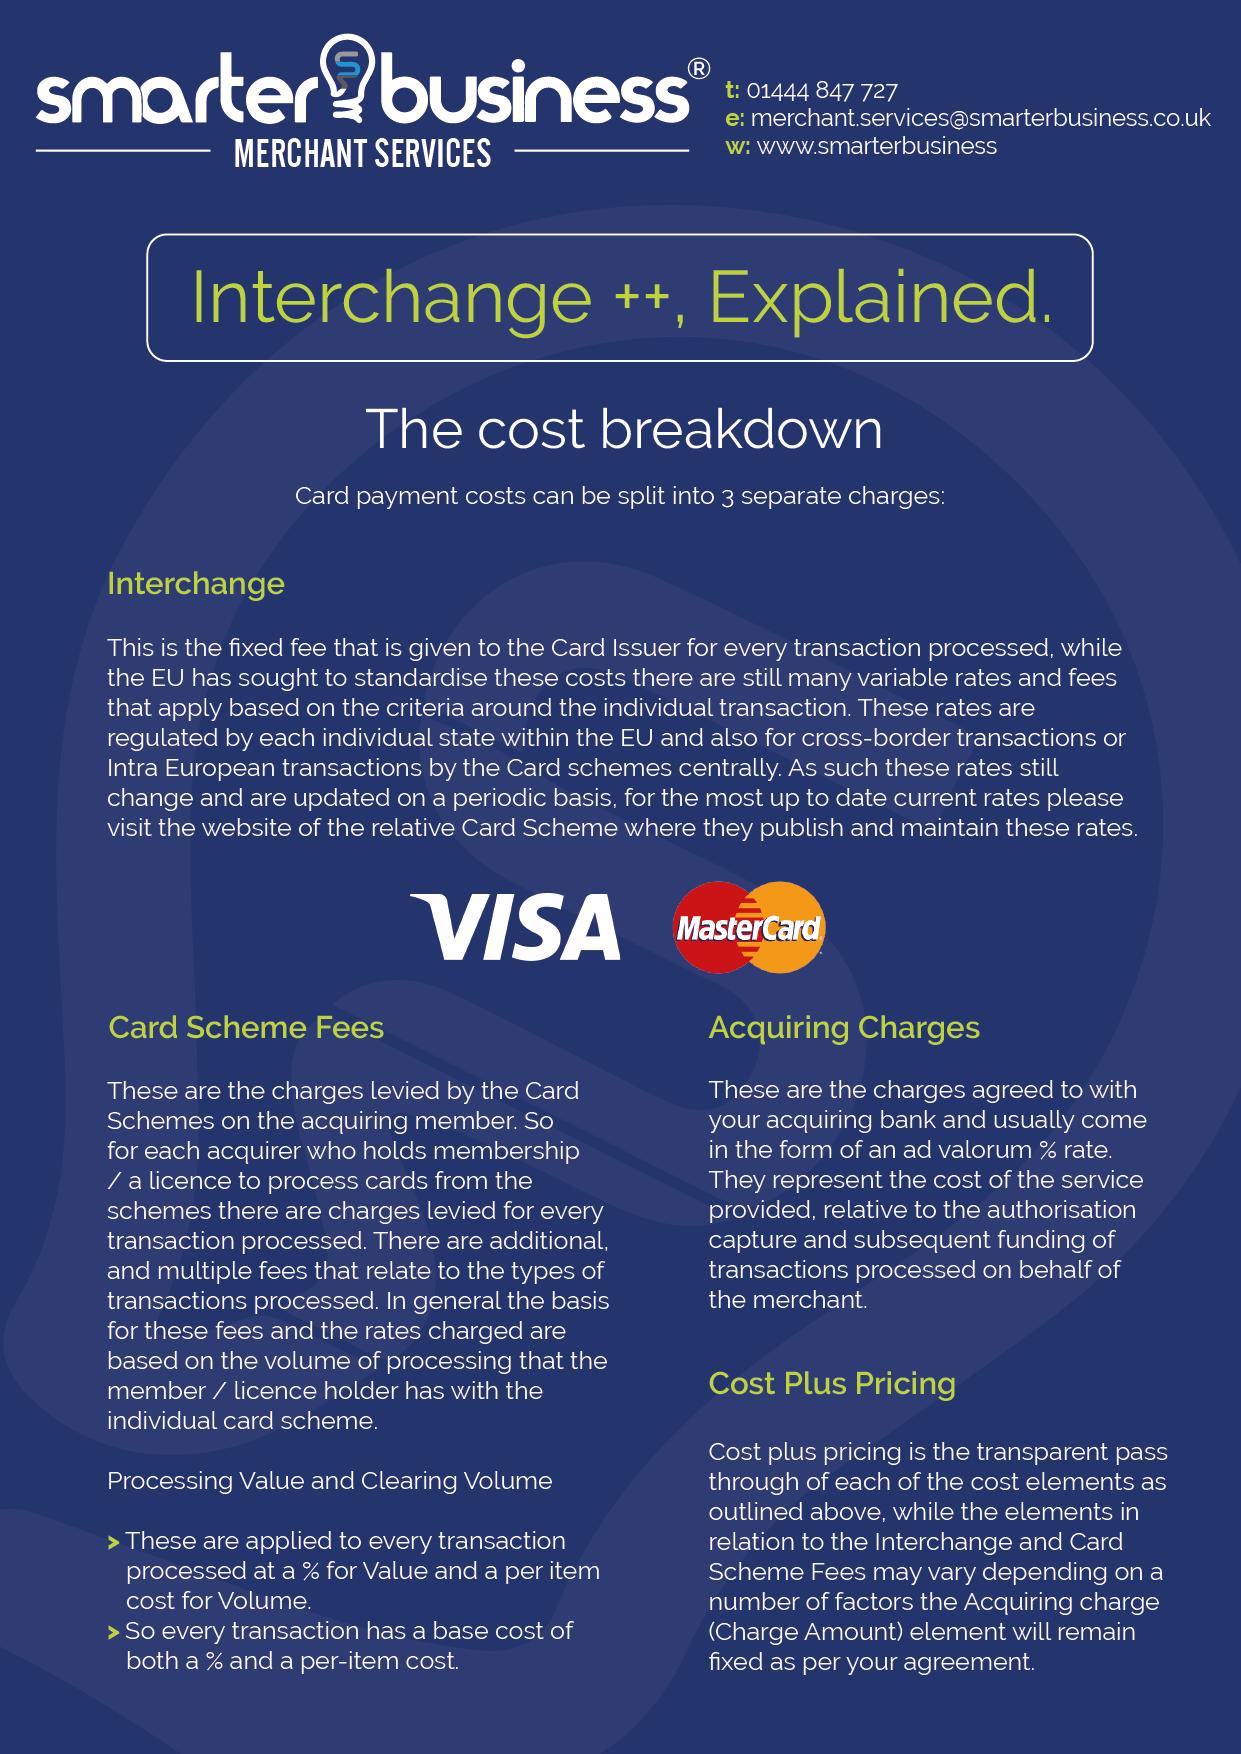 Interchange Plus Pricing for Merchant Services